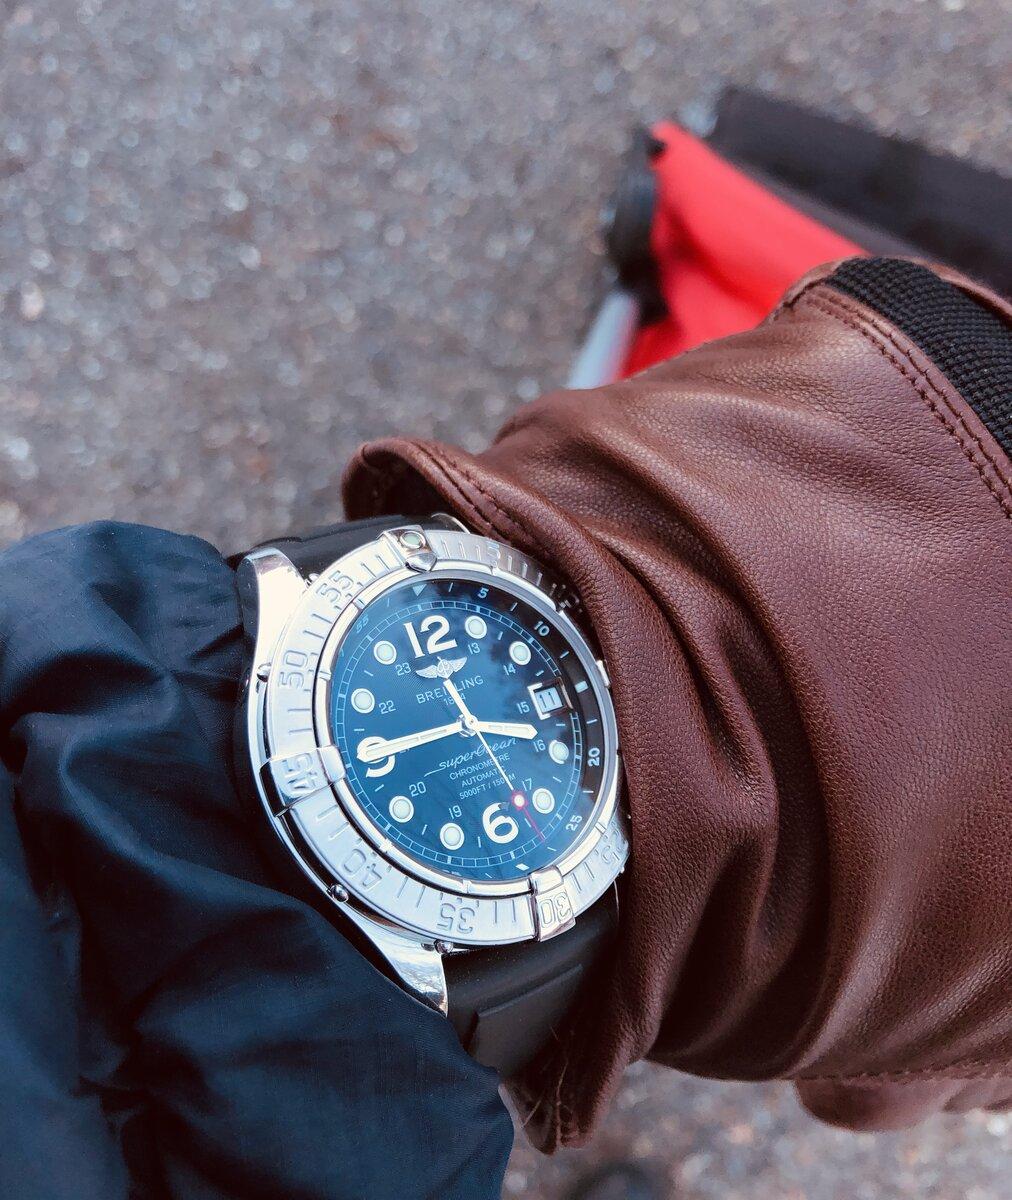 F7DEB2B9-79AC-49FA-9AAE-E9A6AA8C0441.